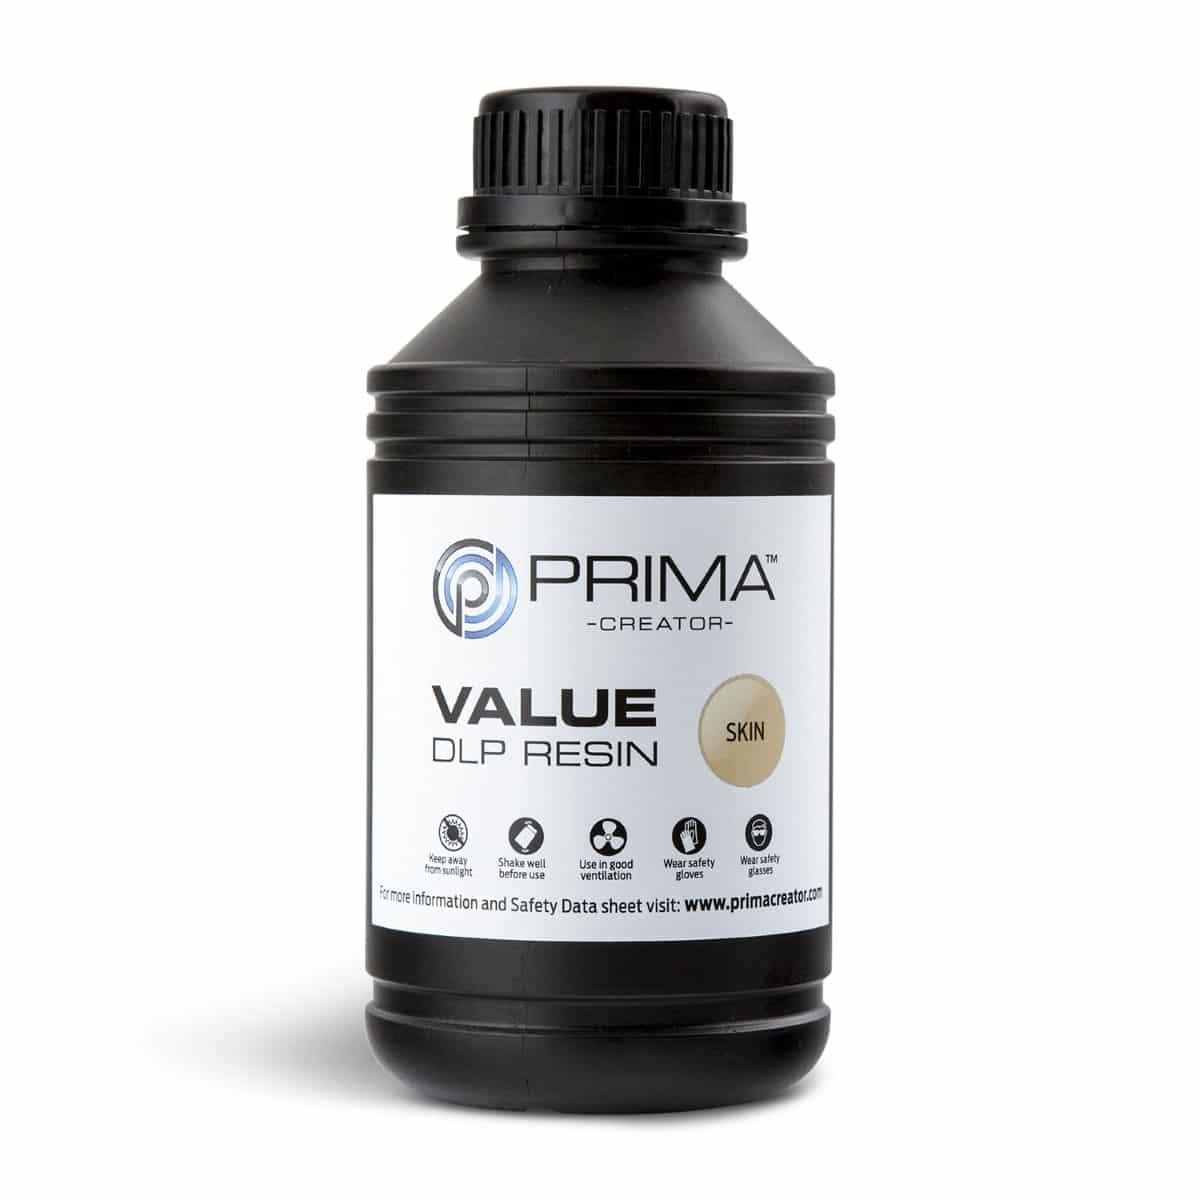 Image of PrimaCreator Value UV / DLP Resin - 500 ml - Skin